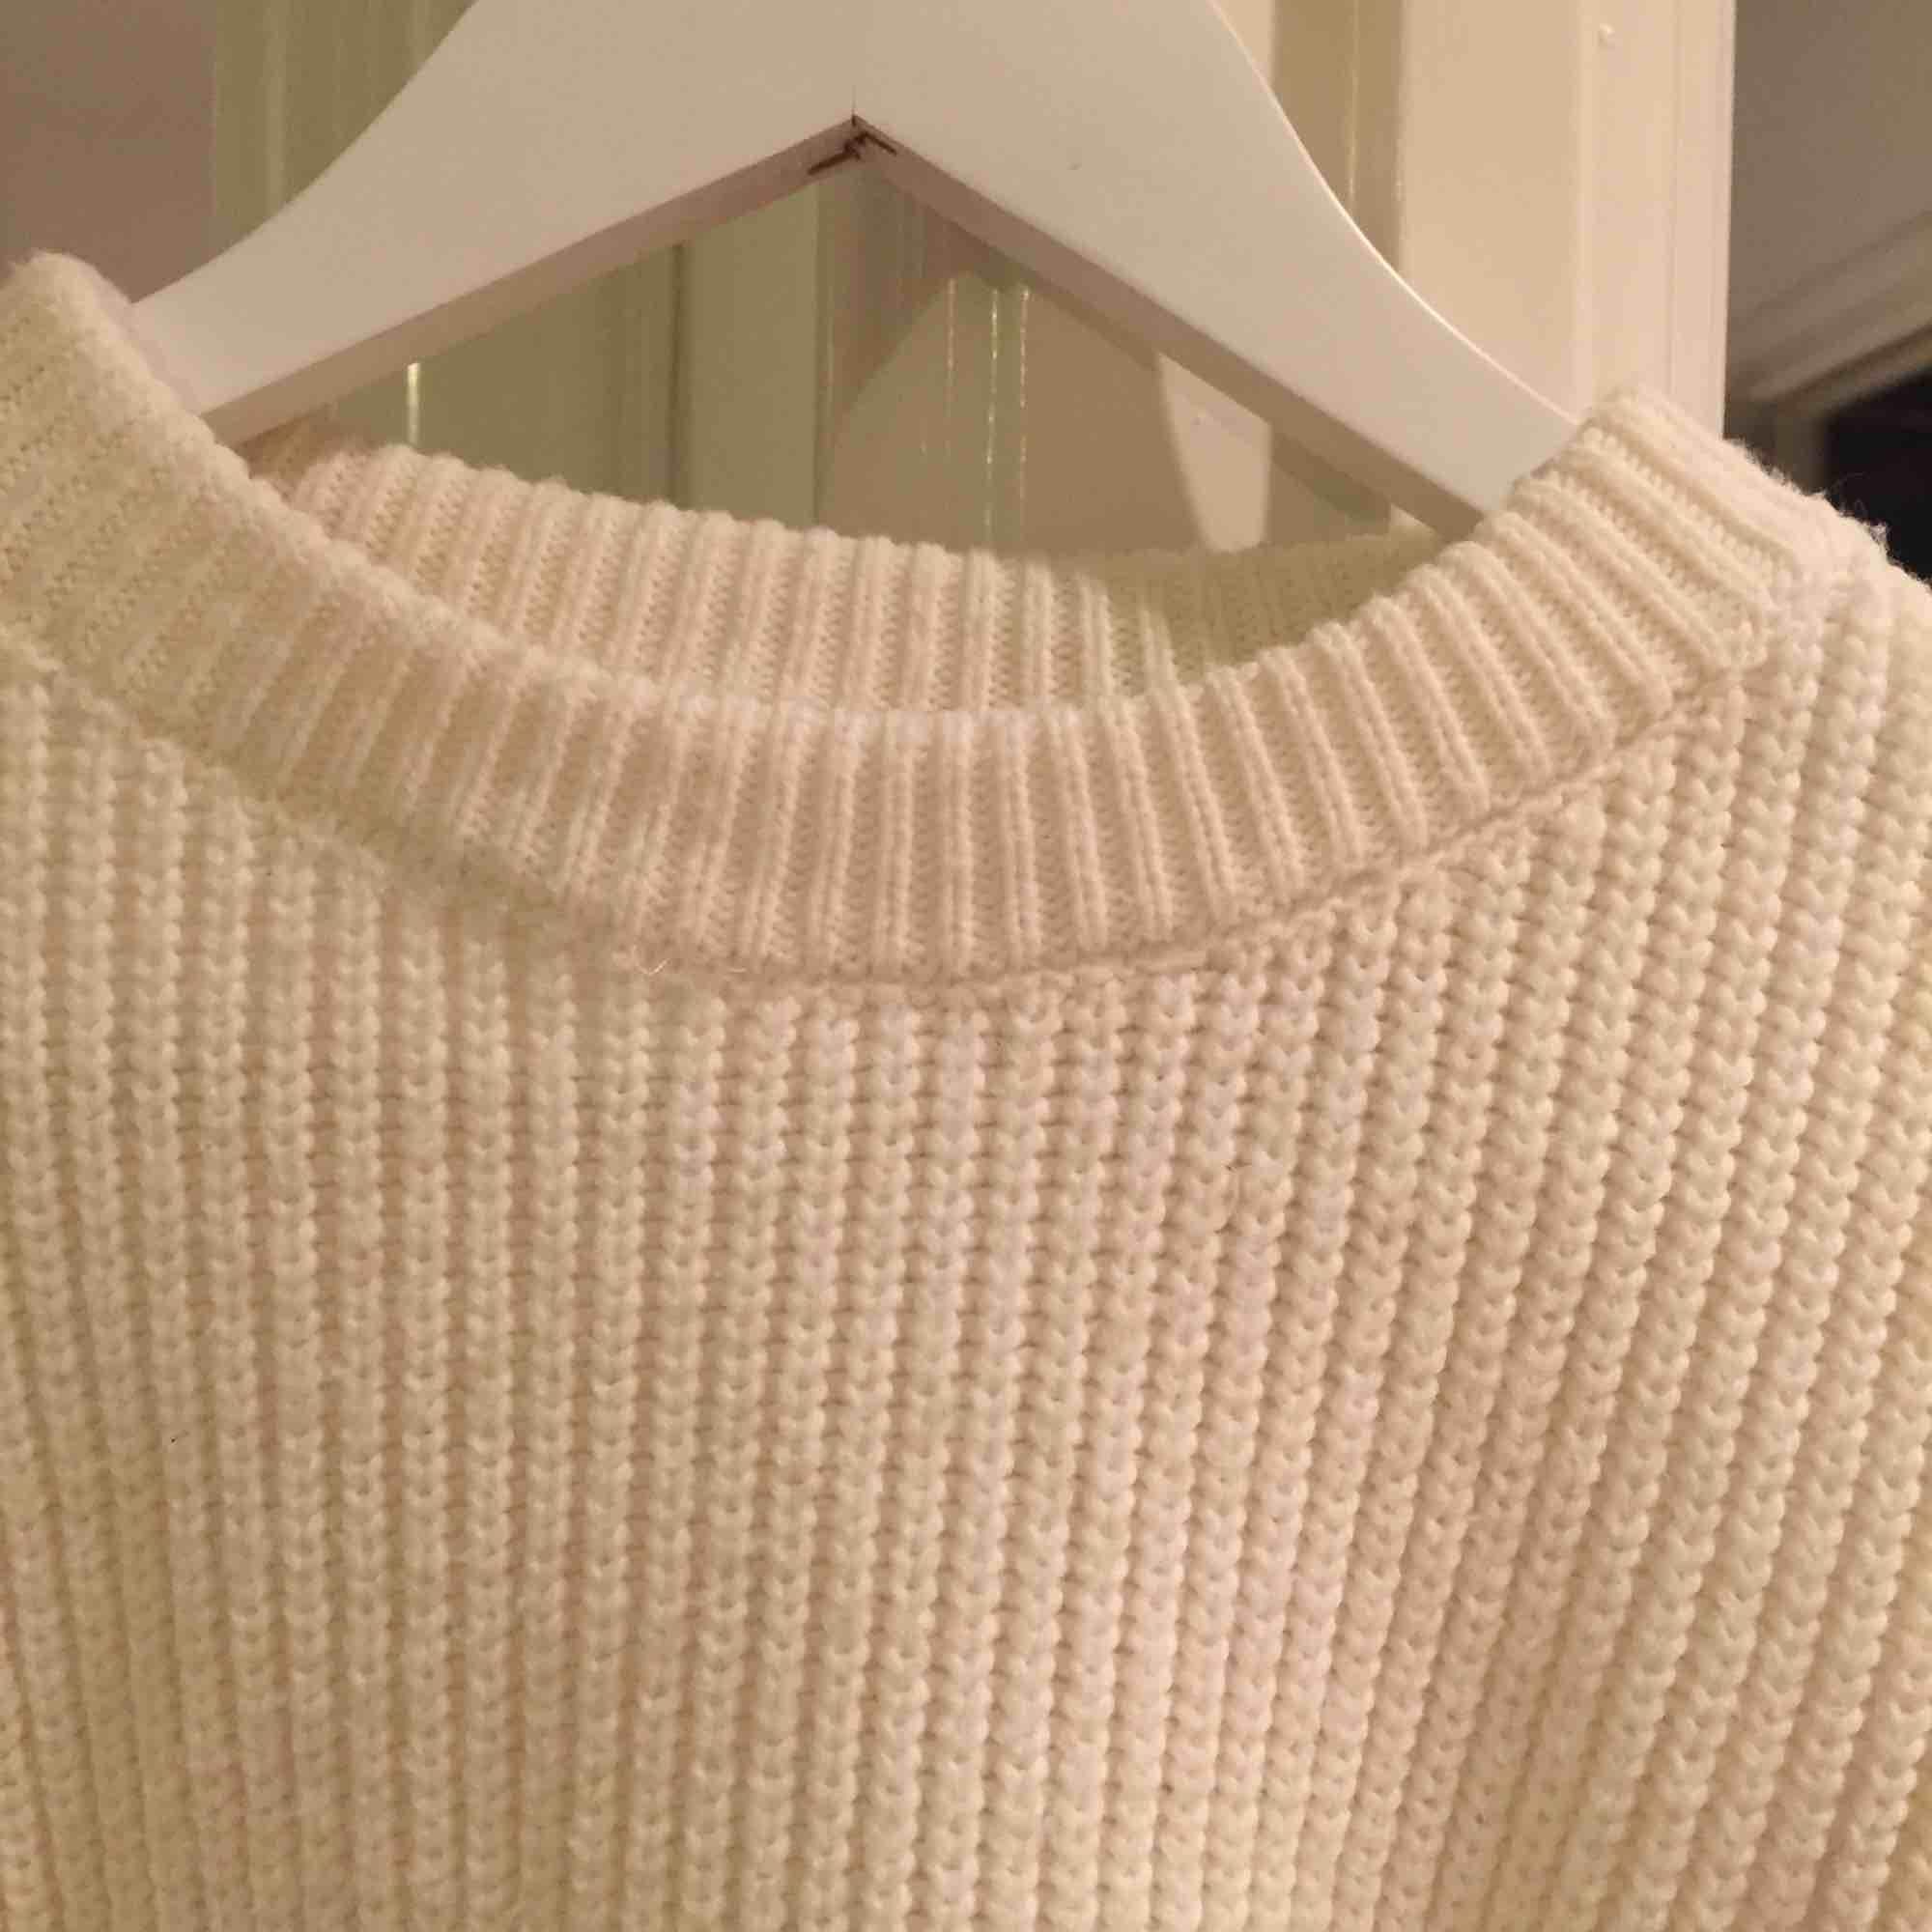 Superfin stickad tröja med lite vidare armar. Gosig och fin passform! Kolla gärna in mina andra annonser för samfrakt ✨. Tröjor & Koftor.